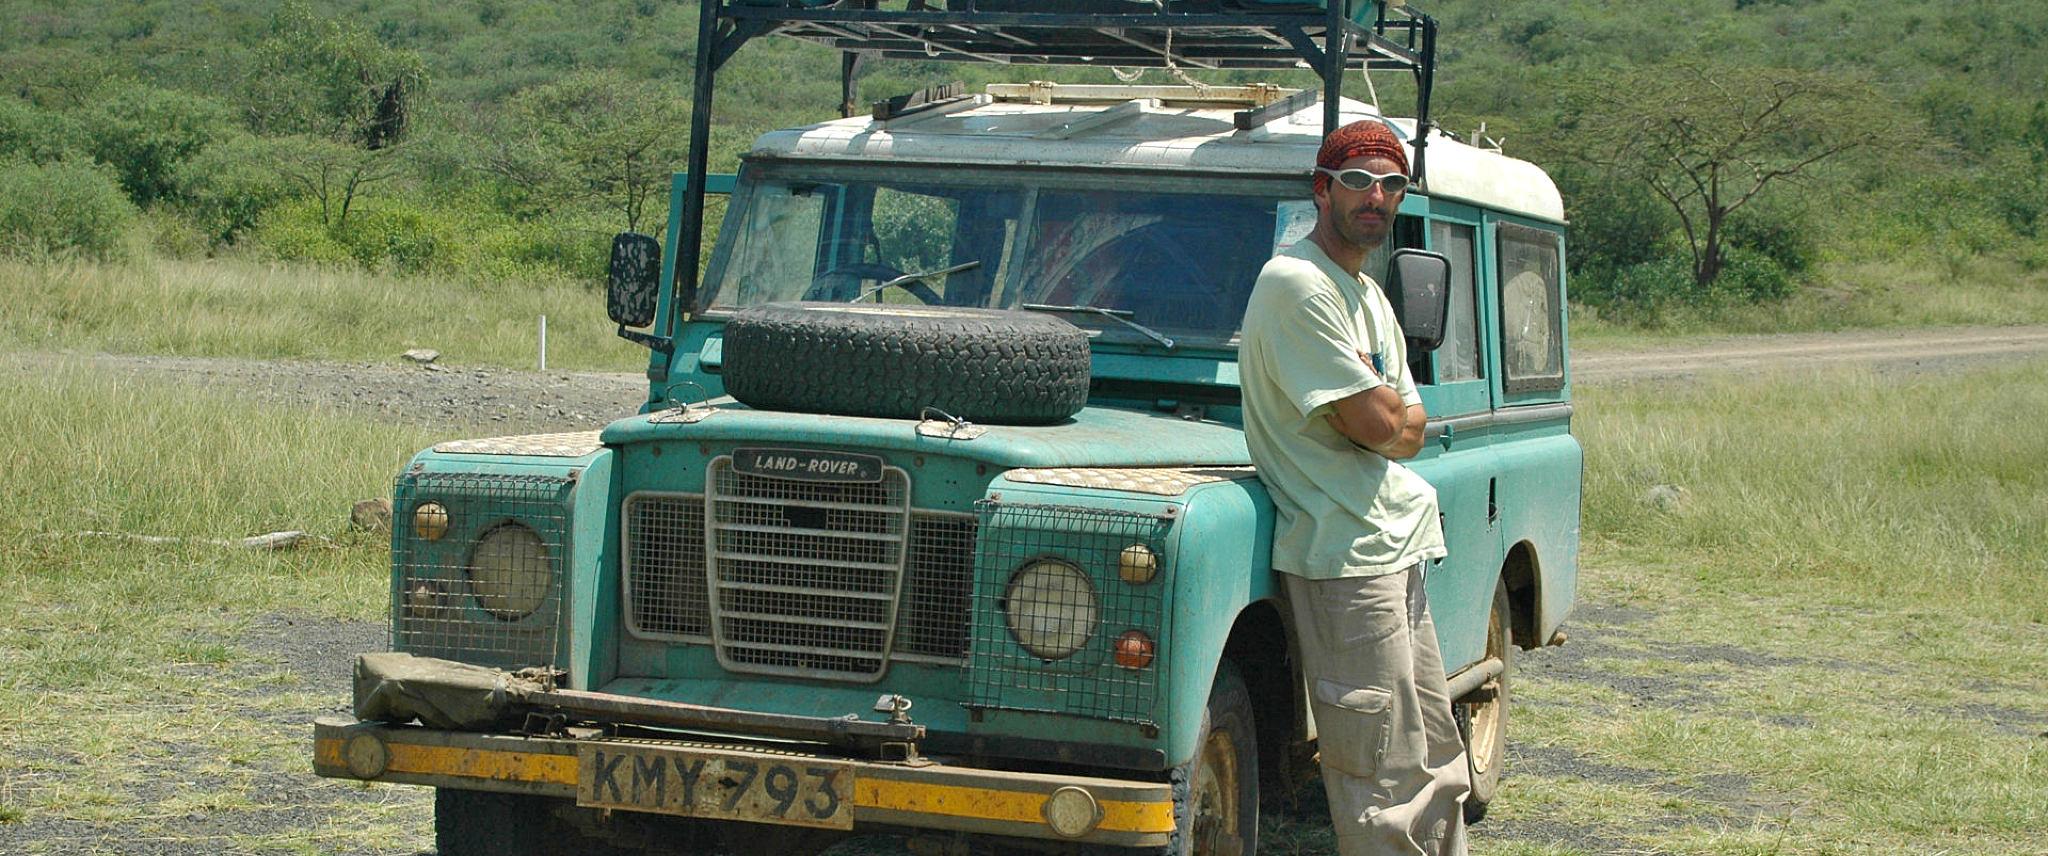 landrover africa kenya heroimage 1